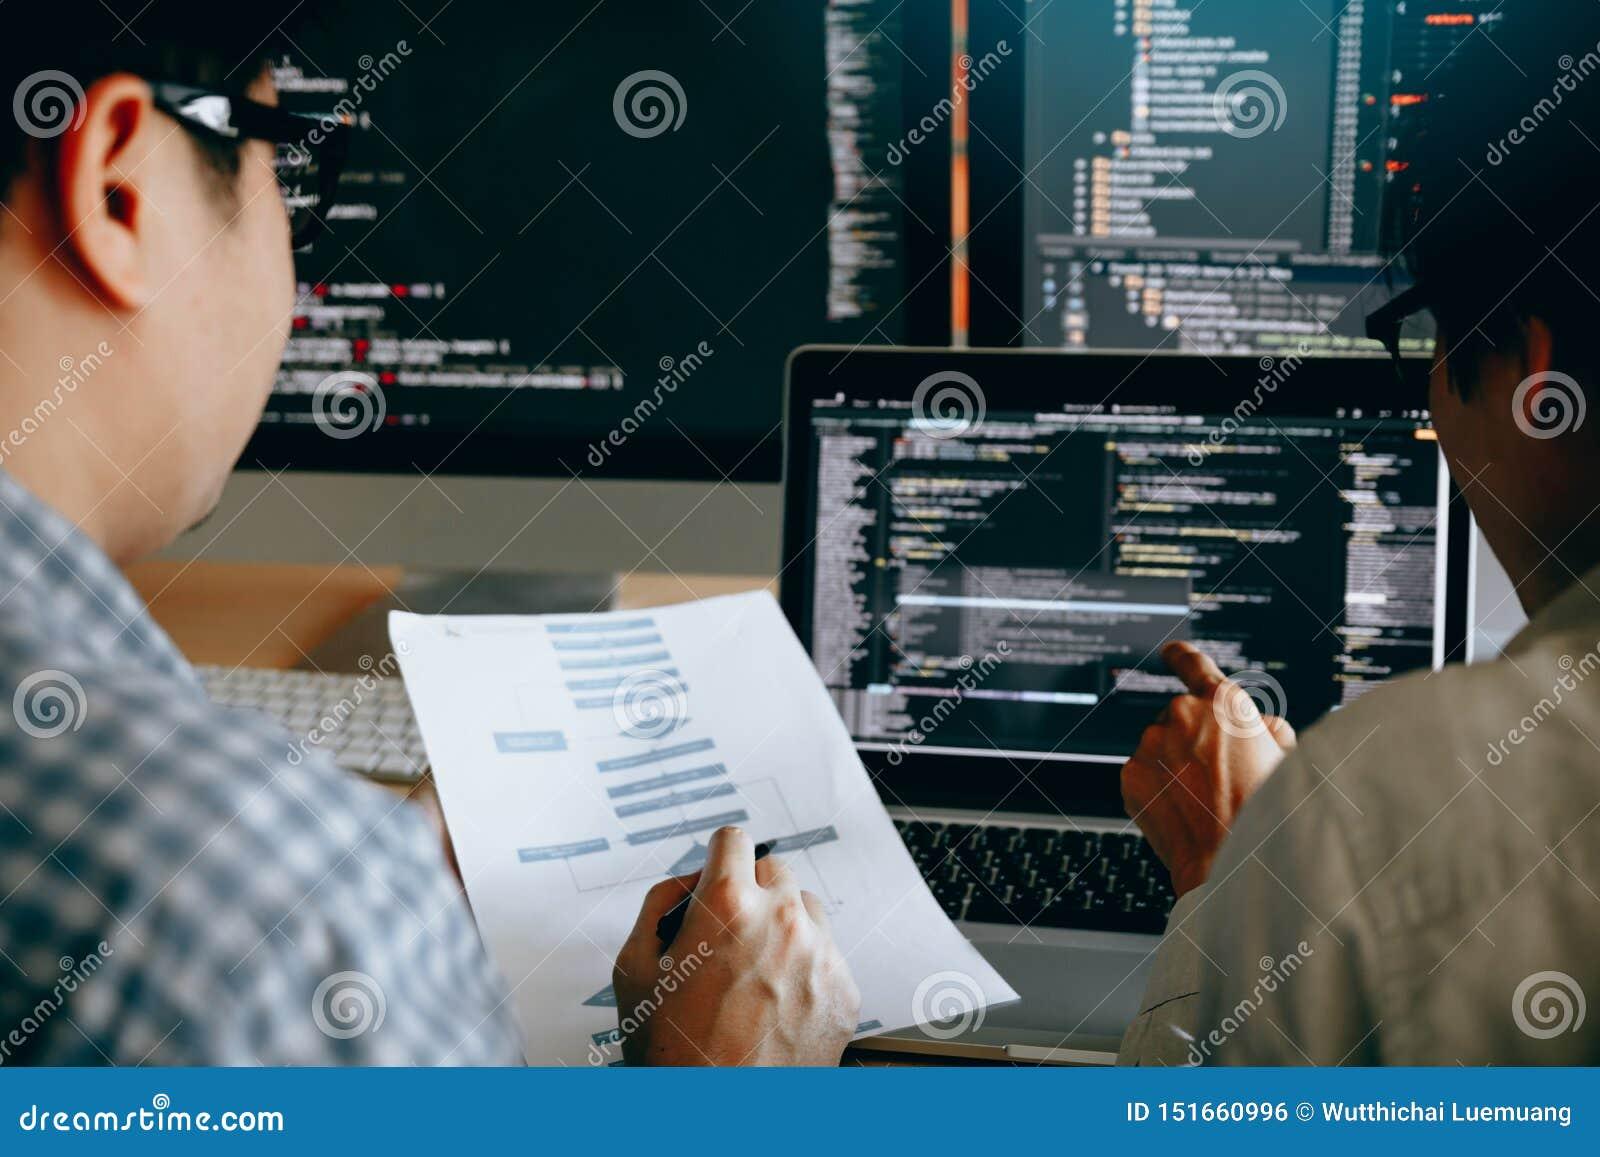 Sich entwickelnde Programmierung und Kodierung von den Technologien, die in den Software Engineers zusammen entwickeln Anwendunge